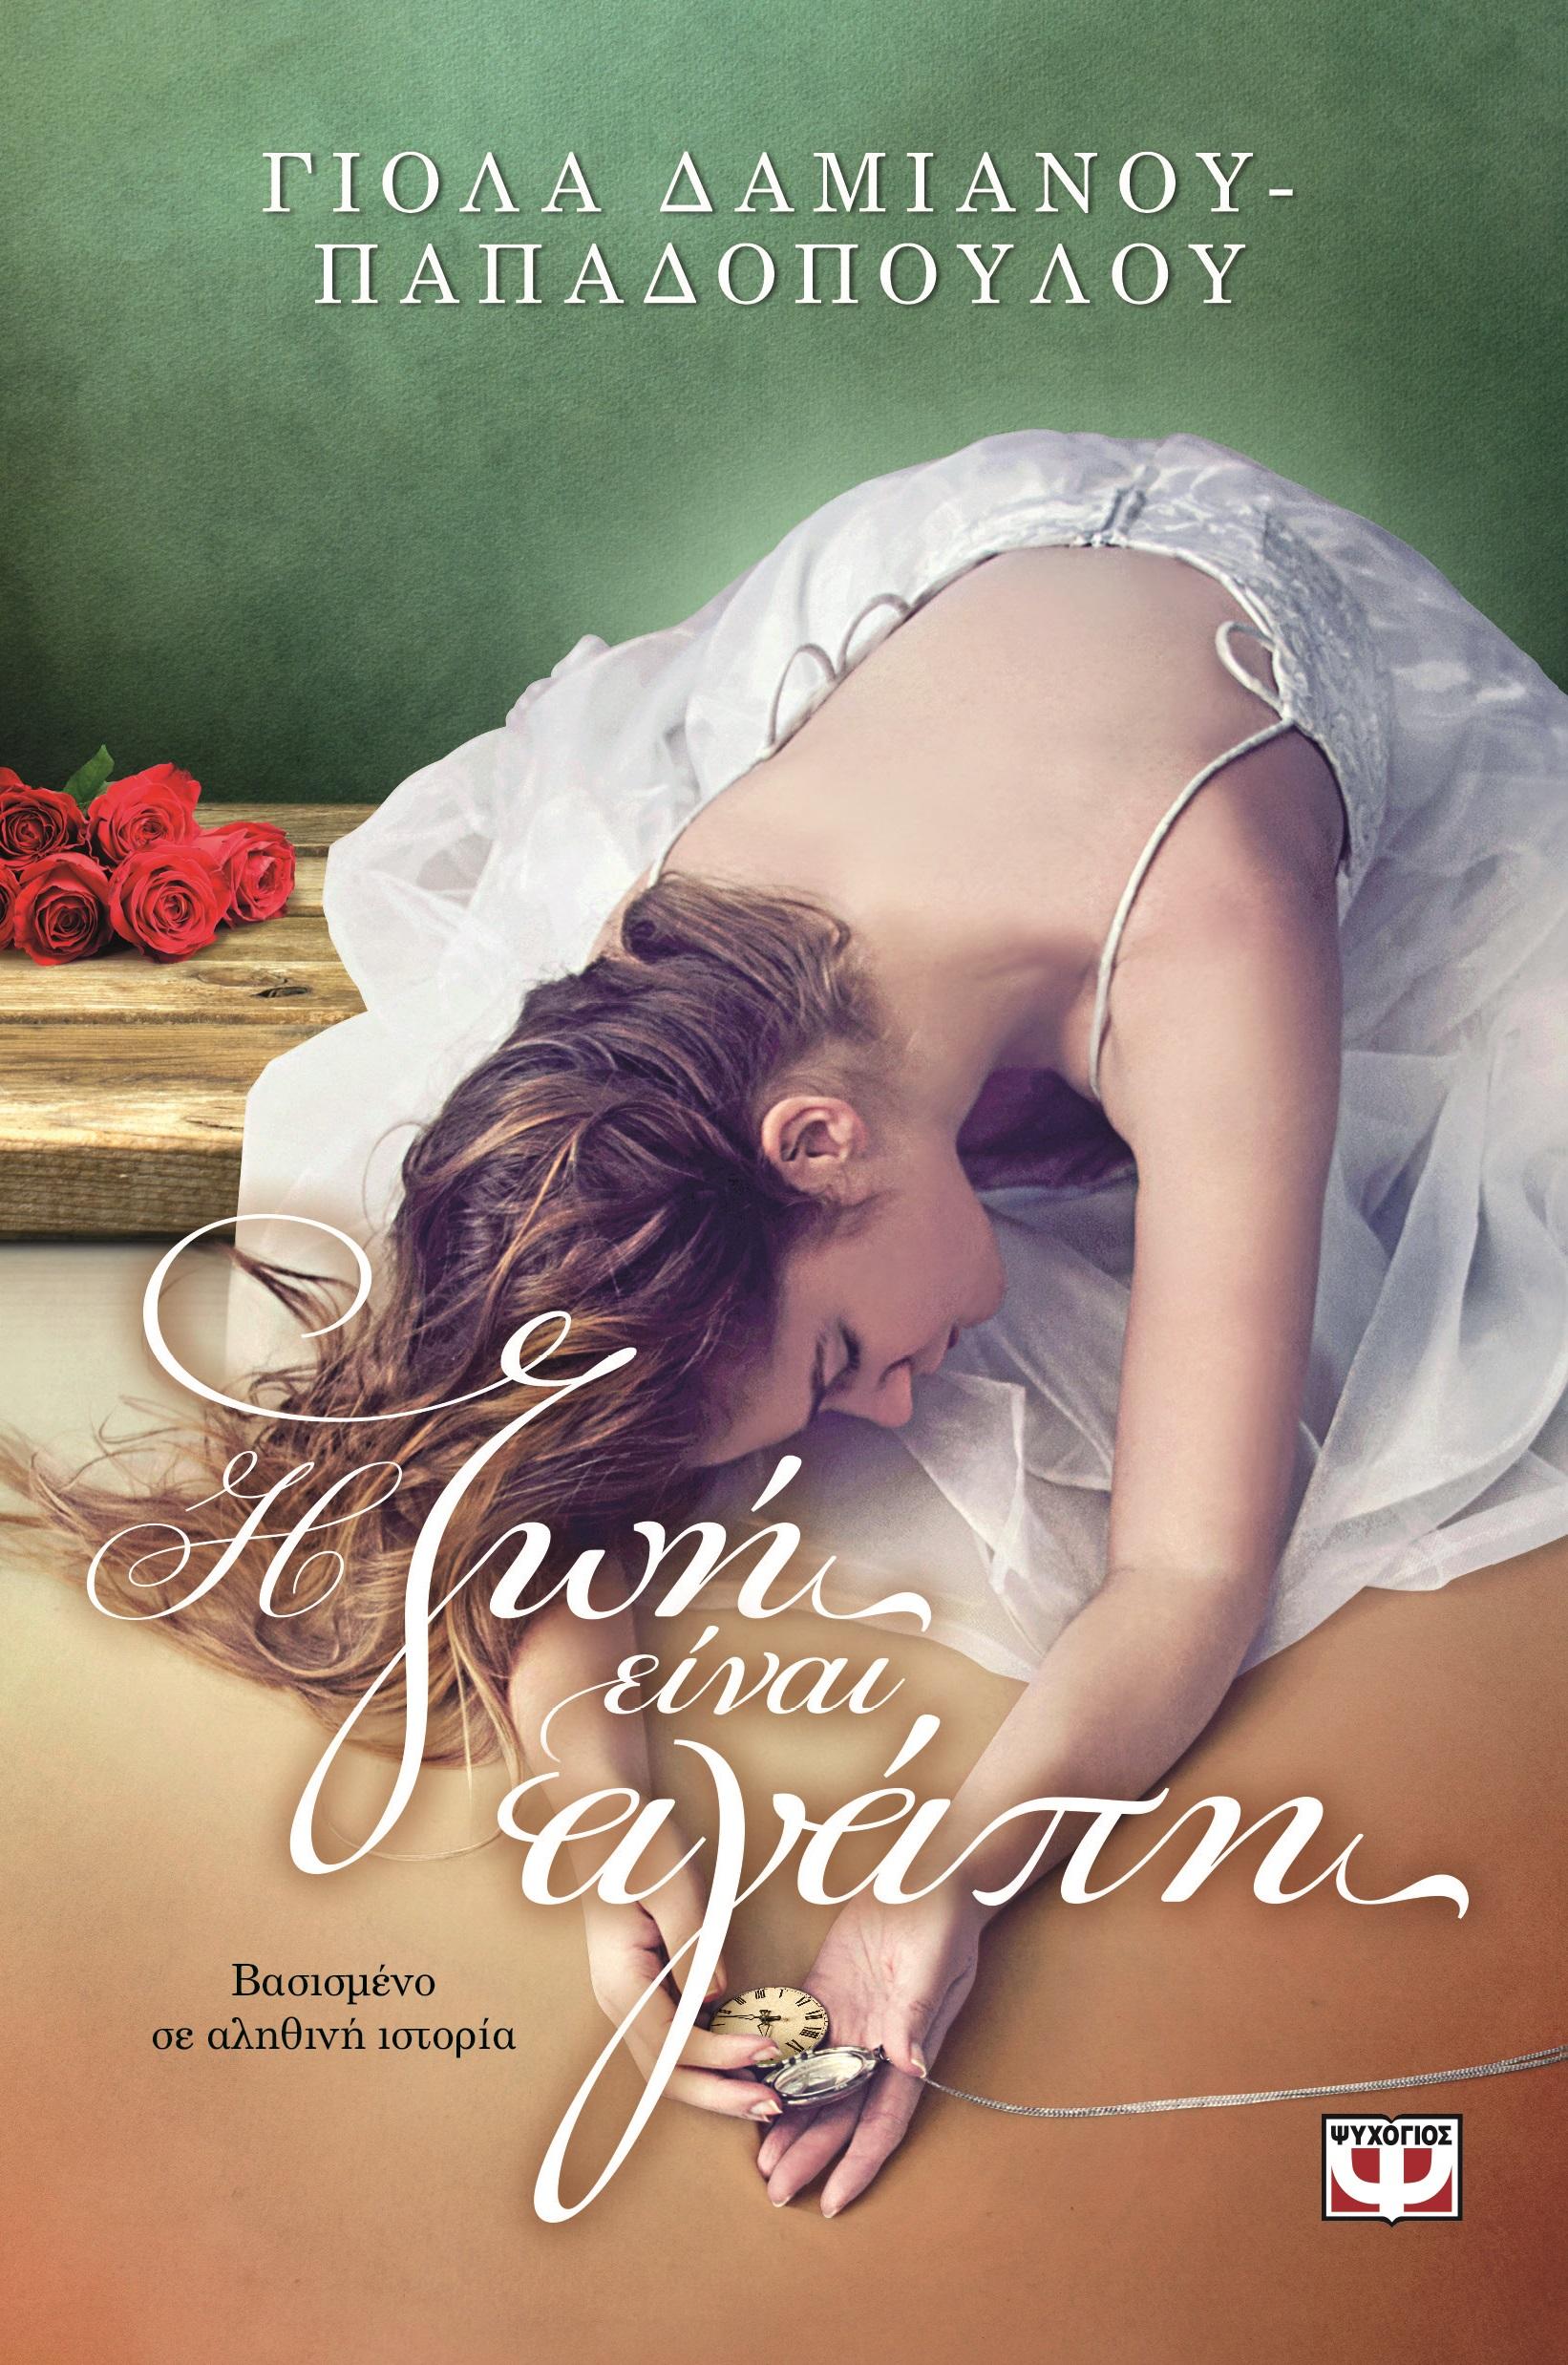 Γιόλα Δαμιανού- Παπαδοπούλου: Η ζωή είναι αγάπη